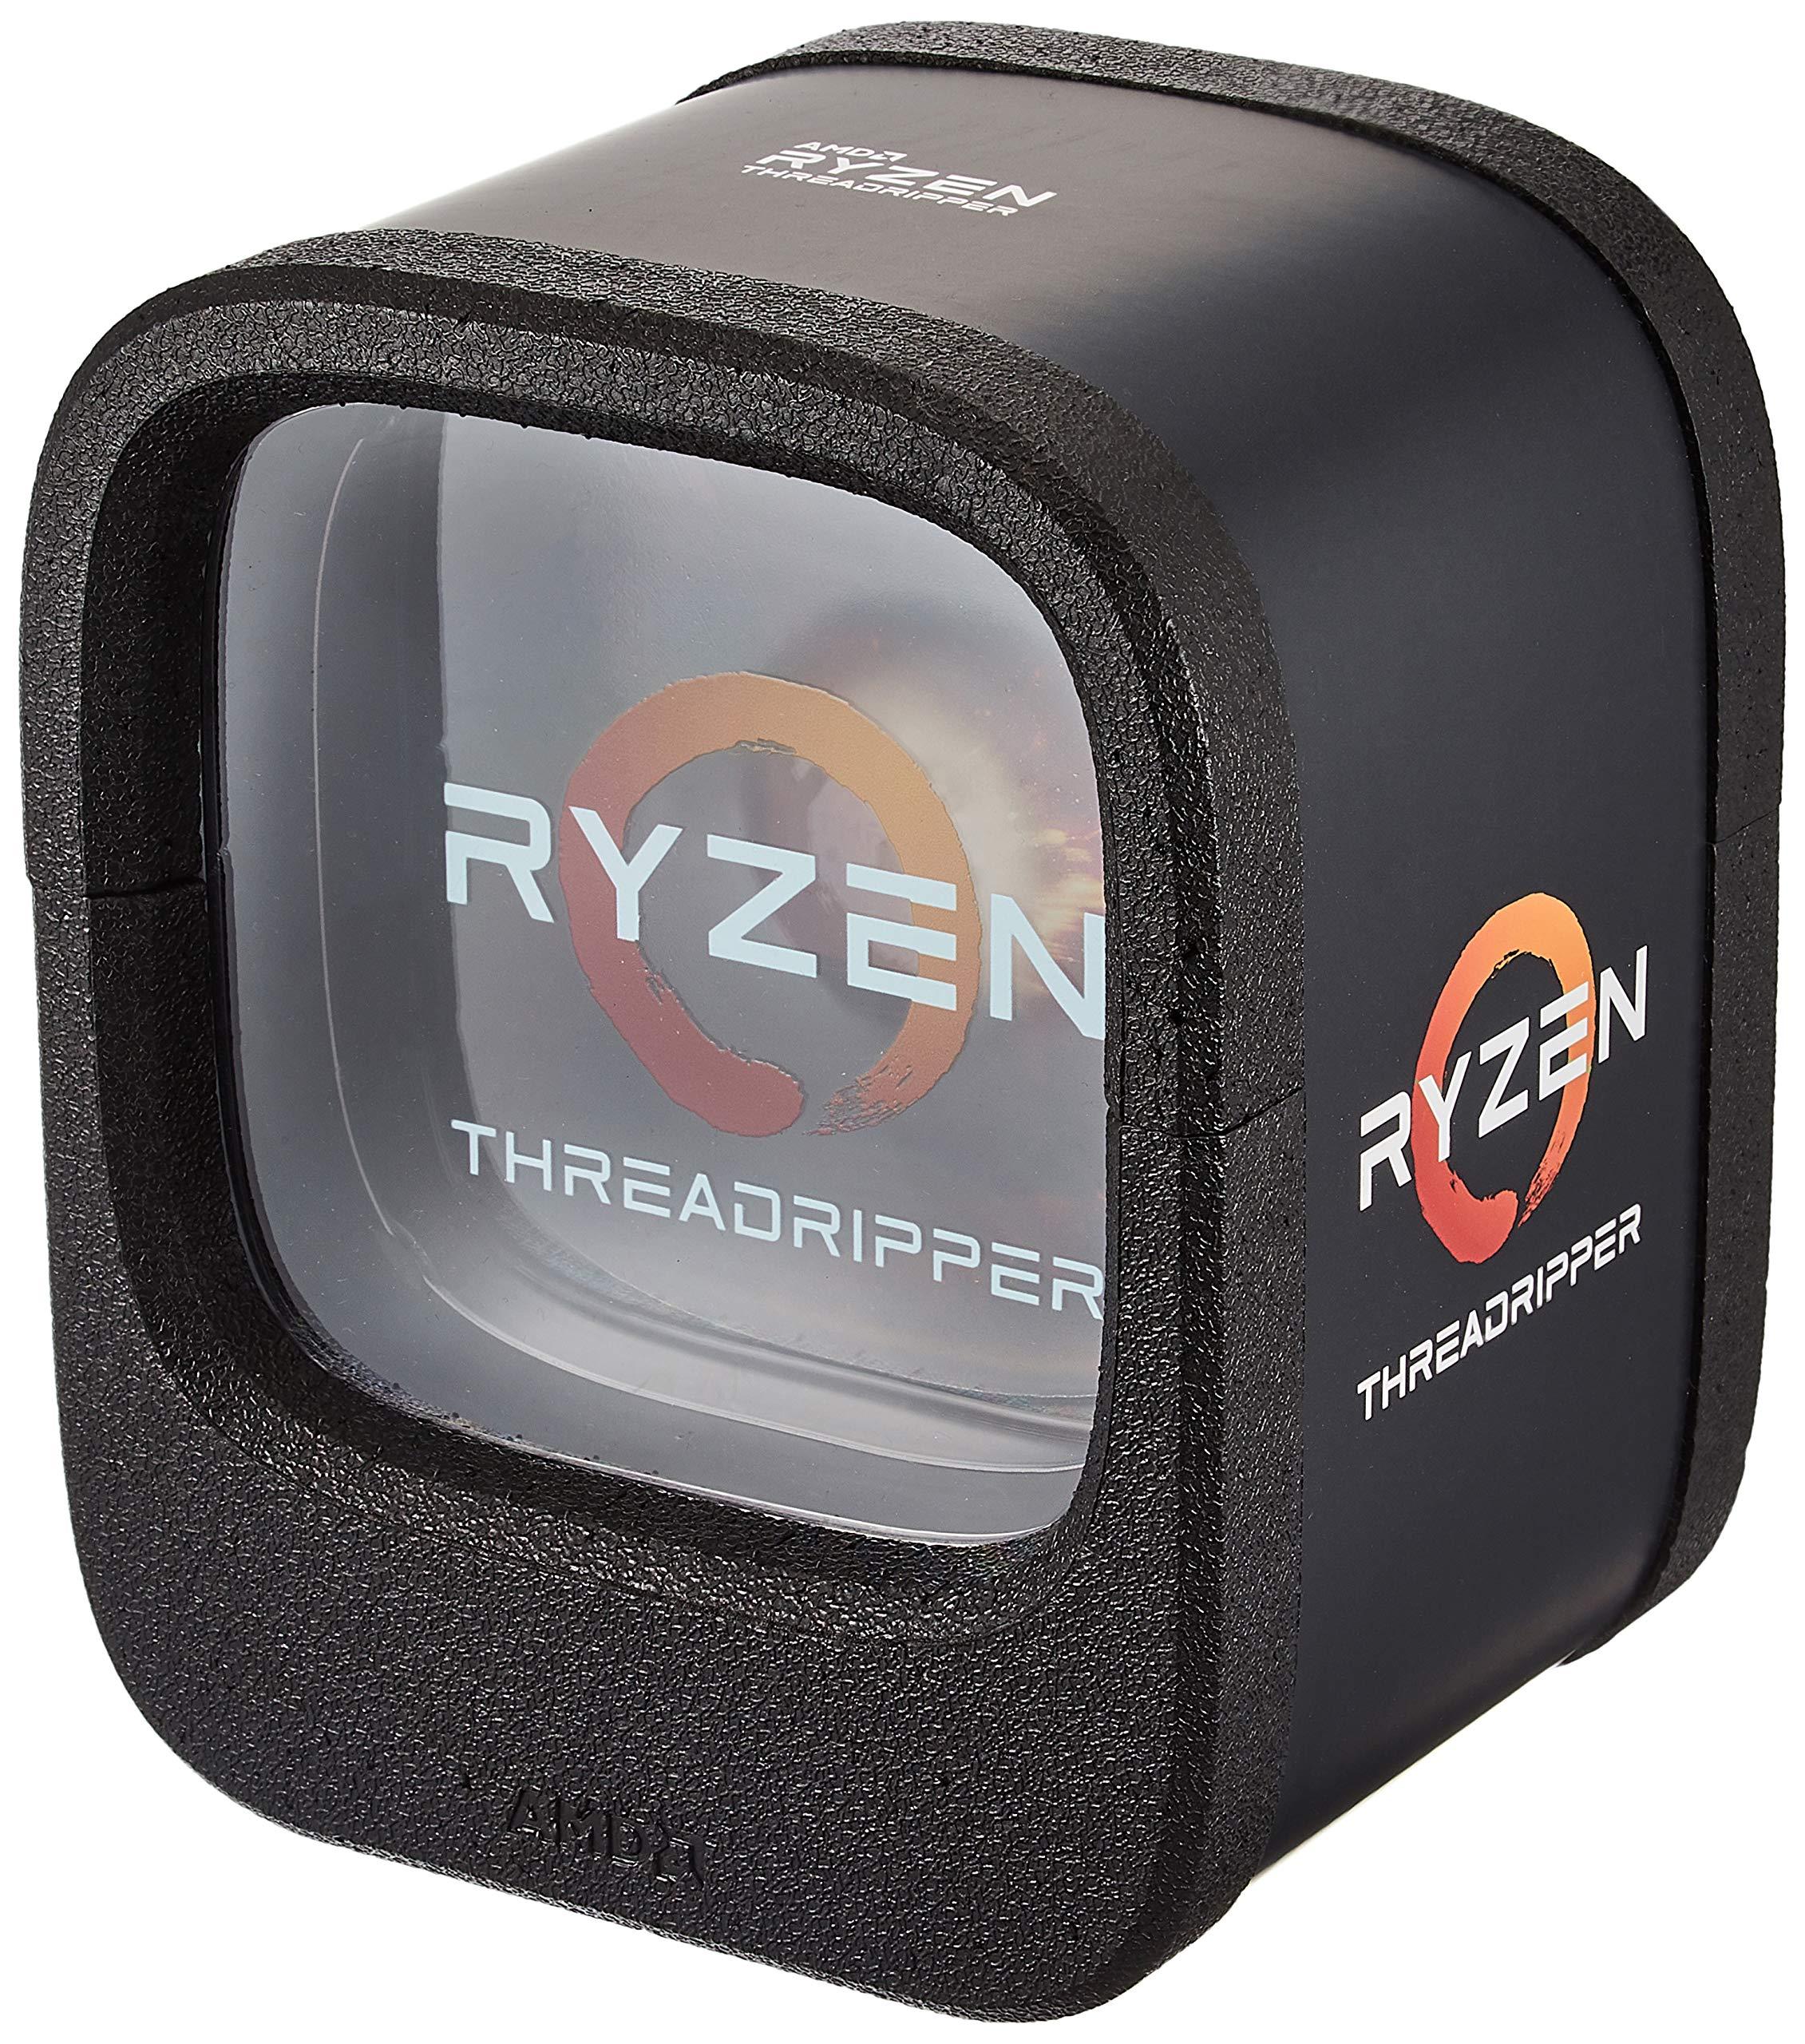 Amd Ryzen Threadripper 1900x (8-core/16-thread) (yd190xa8aew